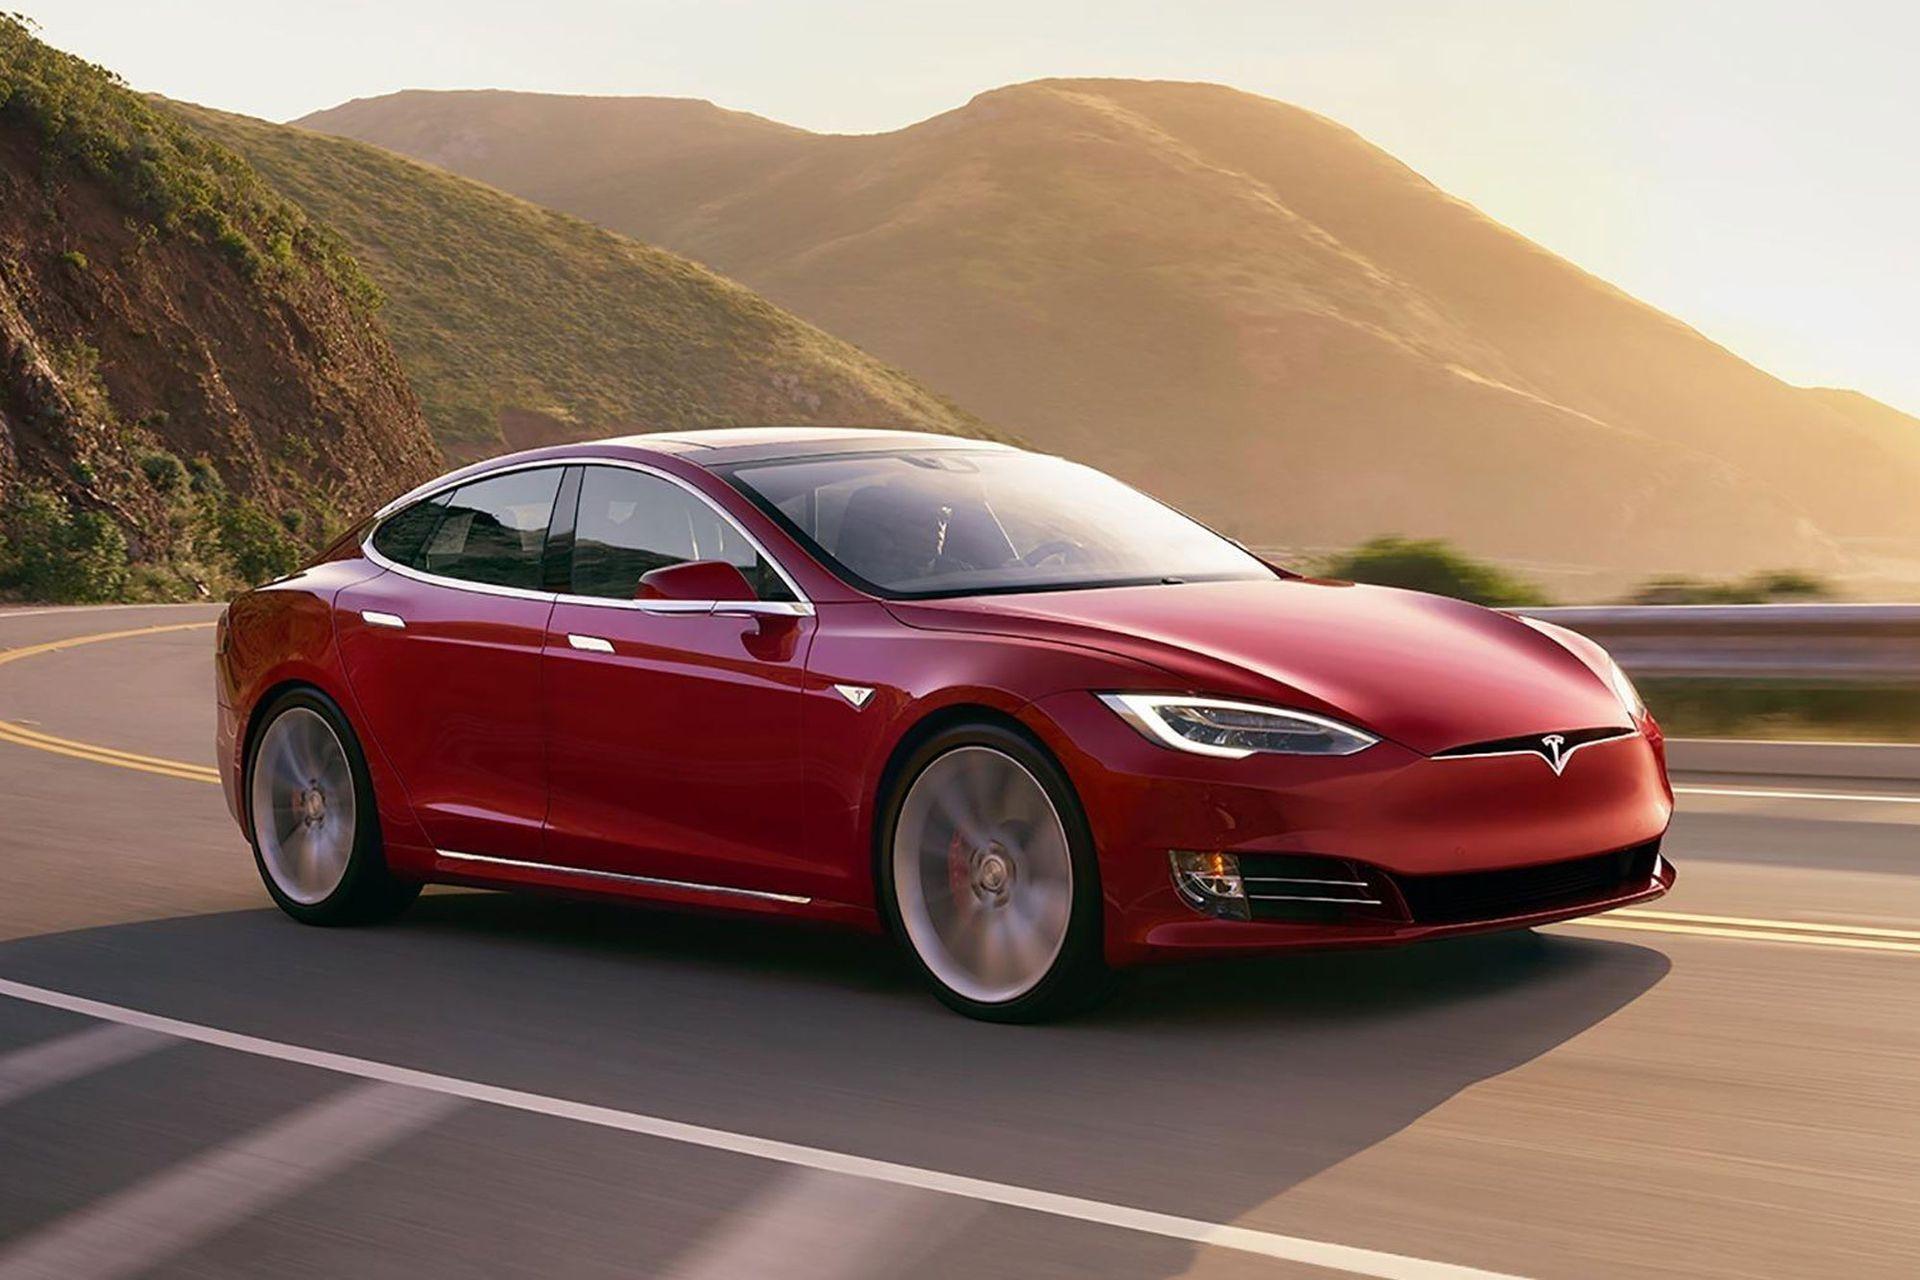 El Tesla es el rey de los autos eléctricos